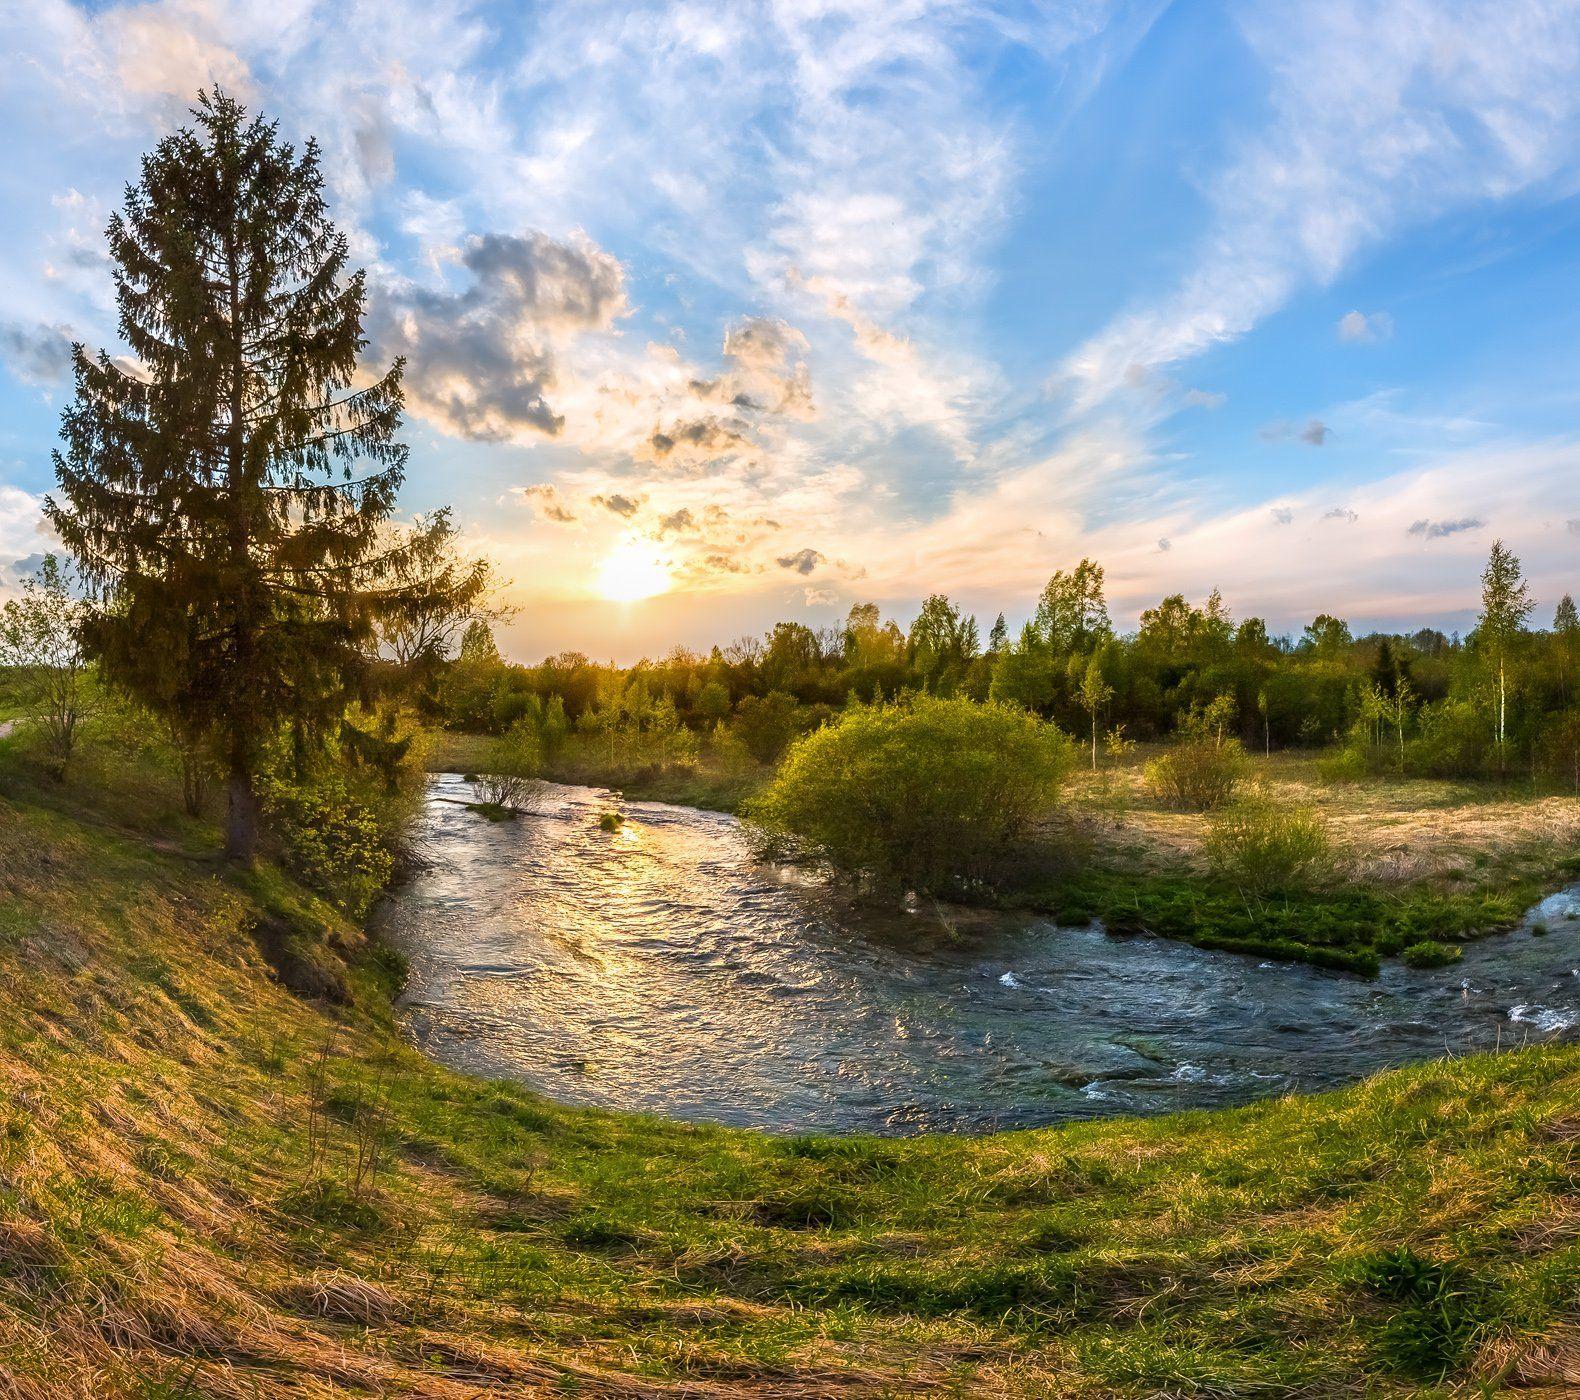 ленинградская область, река ижора, небо, облака, вода, лето, трава, закат, ель,, Лашков Фёдор